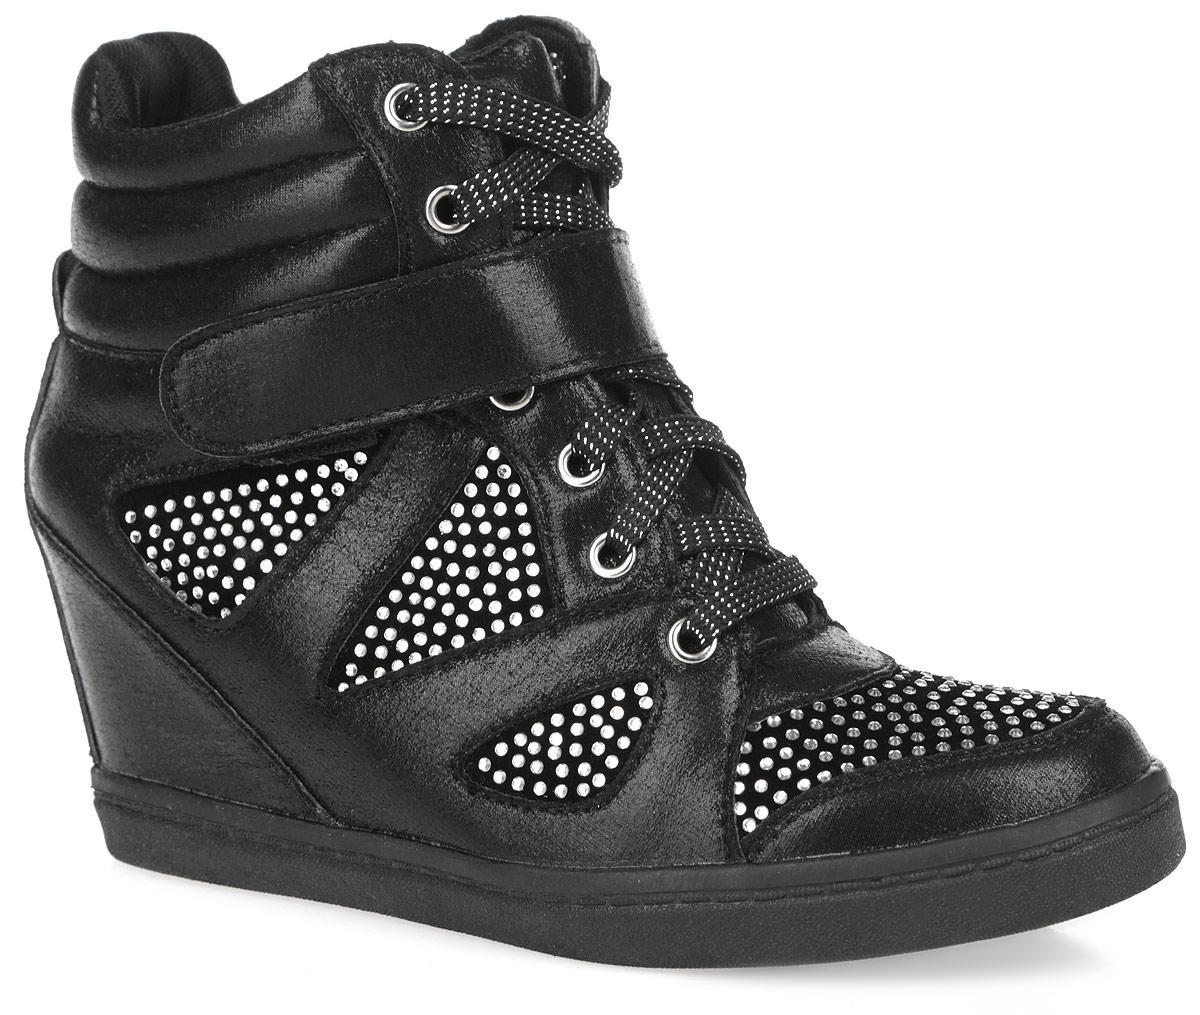 9150-02/BLACKМодные женские сникерсы Burlesque покорят вас с первого взгляда. Модель выполнена из текстиля с блестящей поверхностью и дополнена вставками из искусственной замши, украшенными россыпью страз. Верх изделия оформлен шнуровкой и ремешком на застежке-липучке, которые надежно зафиксируют обувь на ноге и отрегулируют объем. Подкладка, изготовленная из текстиля, и стелька - из ЭВА материала с покрытием из искусственной кожи, обеспечат ногам уют. Верх голенища по канту декорирован горизонтальной строчкой. Задник дополнен наружным ремешком. Танкетка умеренной высоты - устойчива. Подошва из полимерного термопластичного материала с рельефным протектором обеспечивает отличное сцепление с любой поверхностью. В этих сникерсах вашим ногам будет комфортно и уютно. Они подчеркнут ваш стиль и индивидуальность.